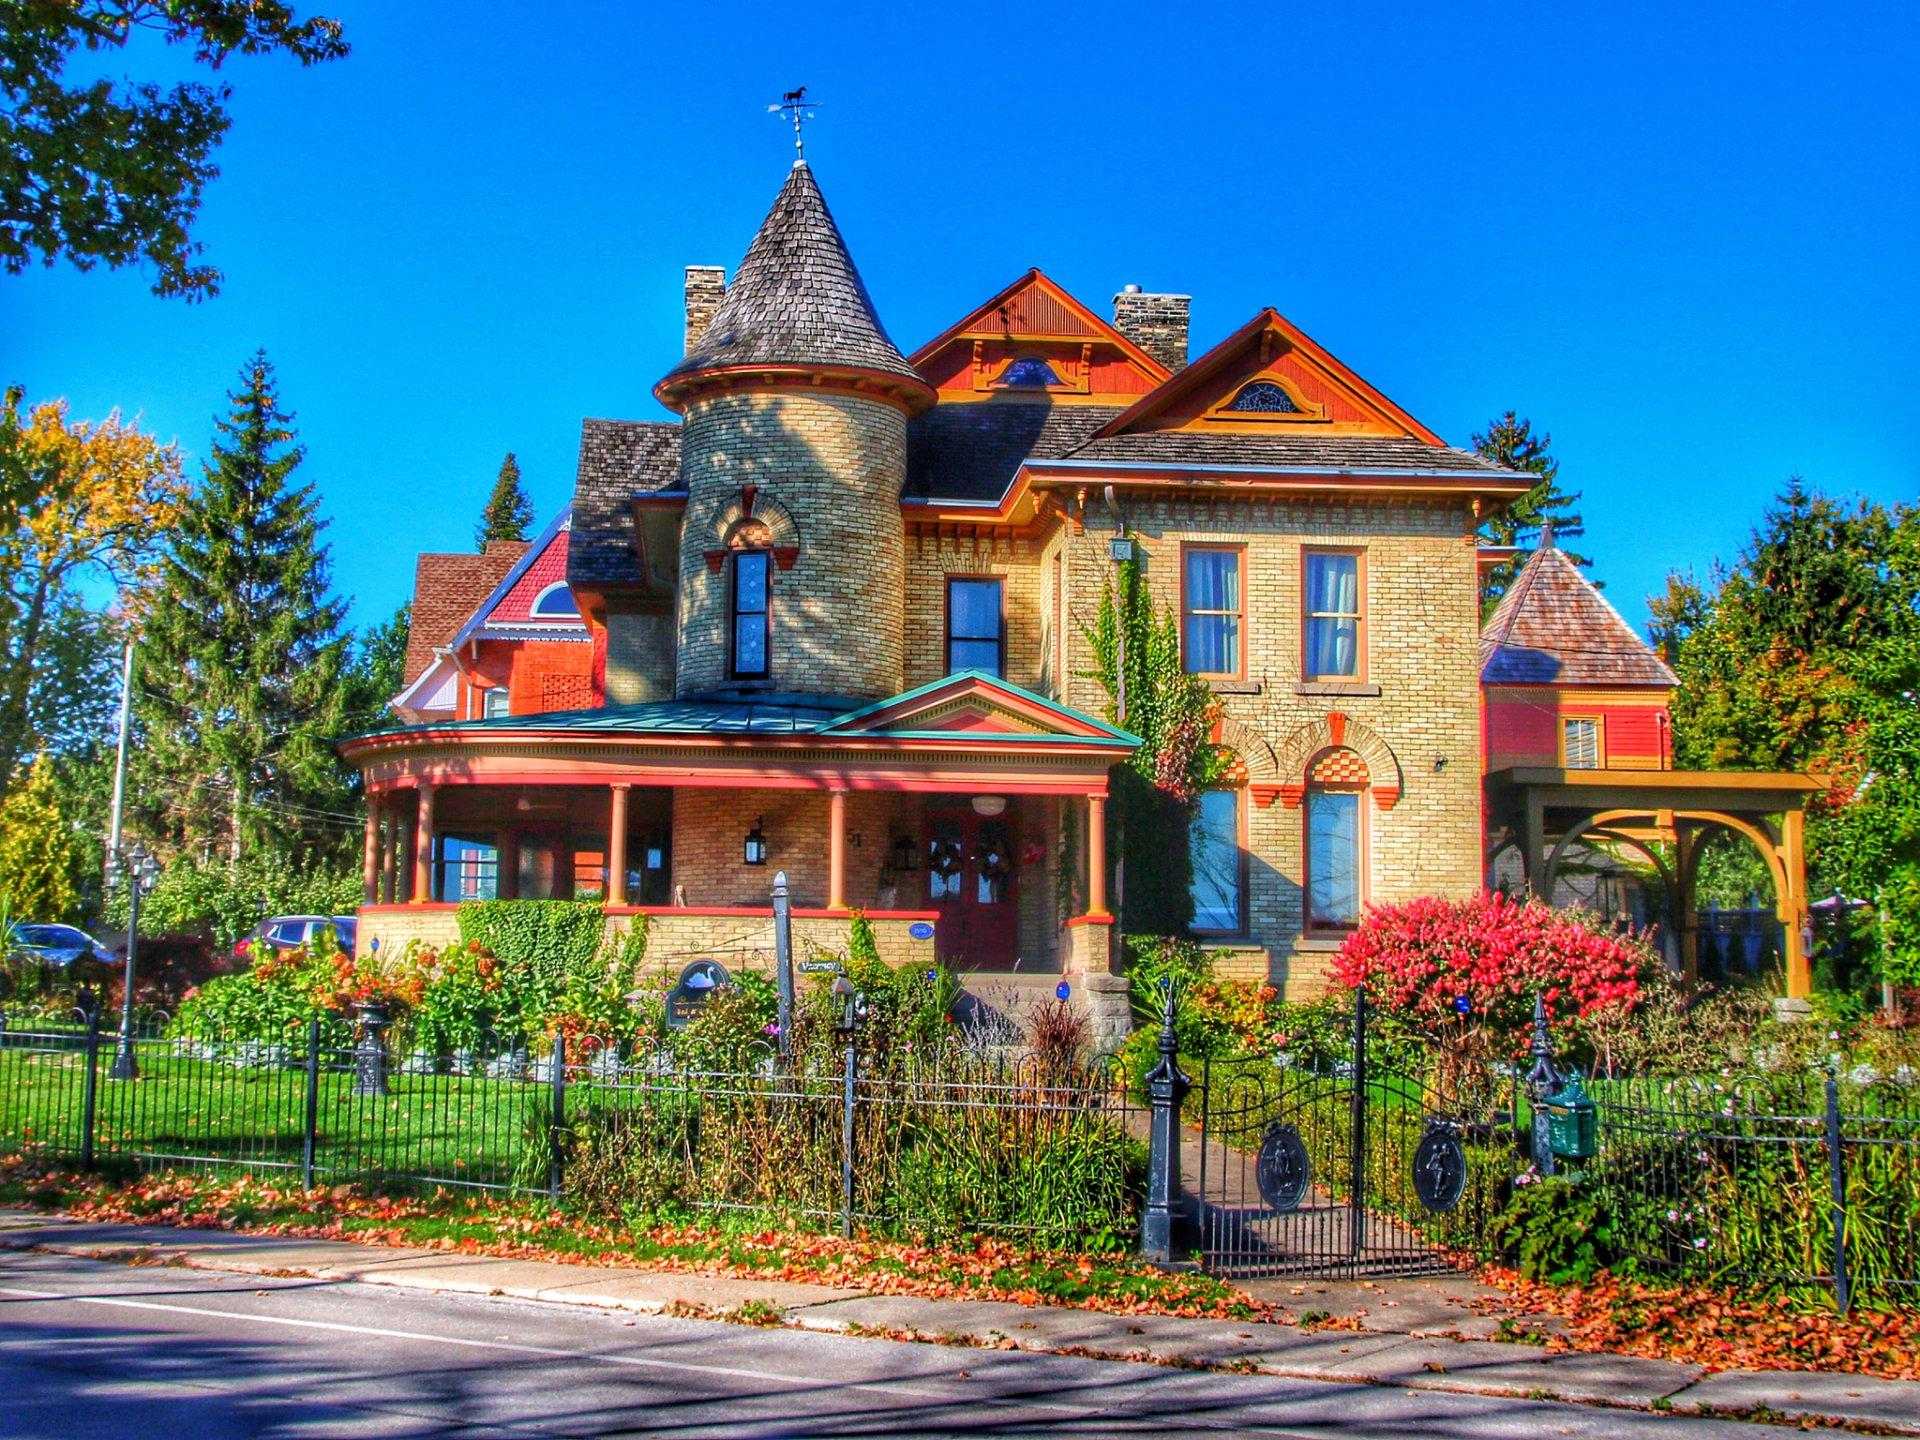 House In Niagara Falls Ontario Hd Wallpaper